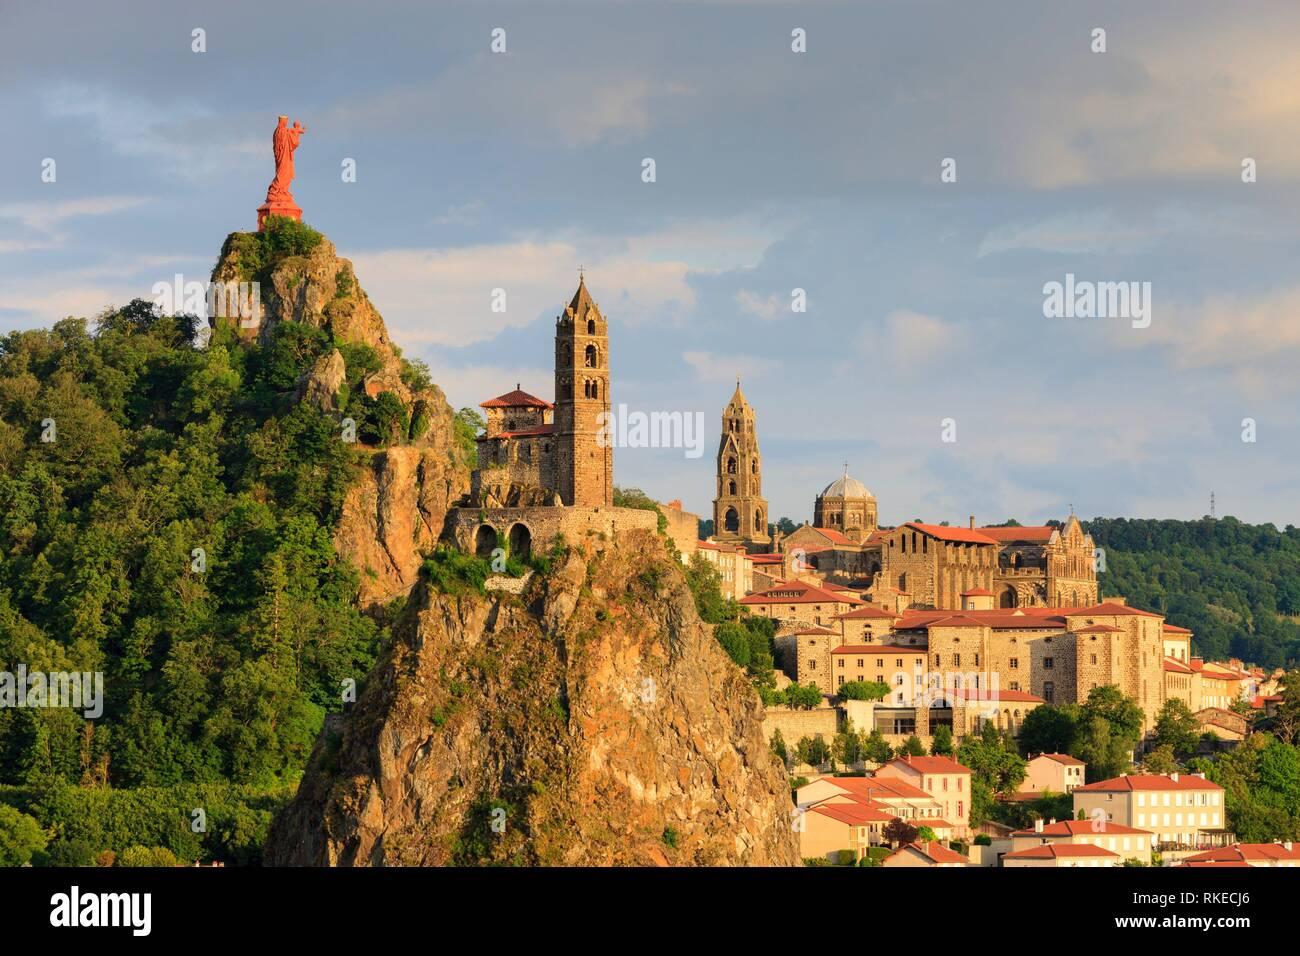 Statue of Notre Dame de France with Saint Michel d'Aiguilhe Chapel and Notre Dame Cathedral Le Puy en Velay Haute-Loire Auvergne-Rhône-Alpes France. Stock Photo